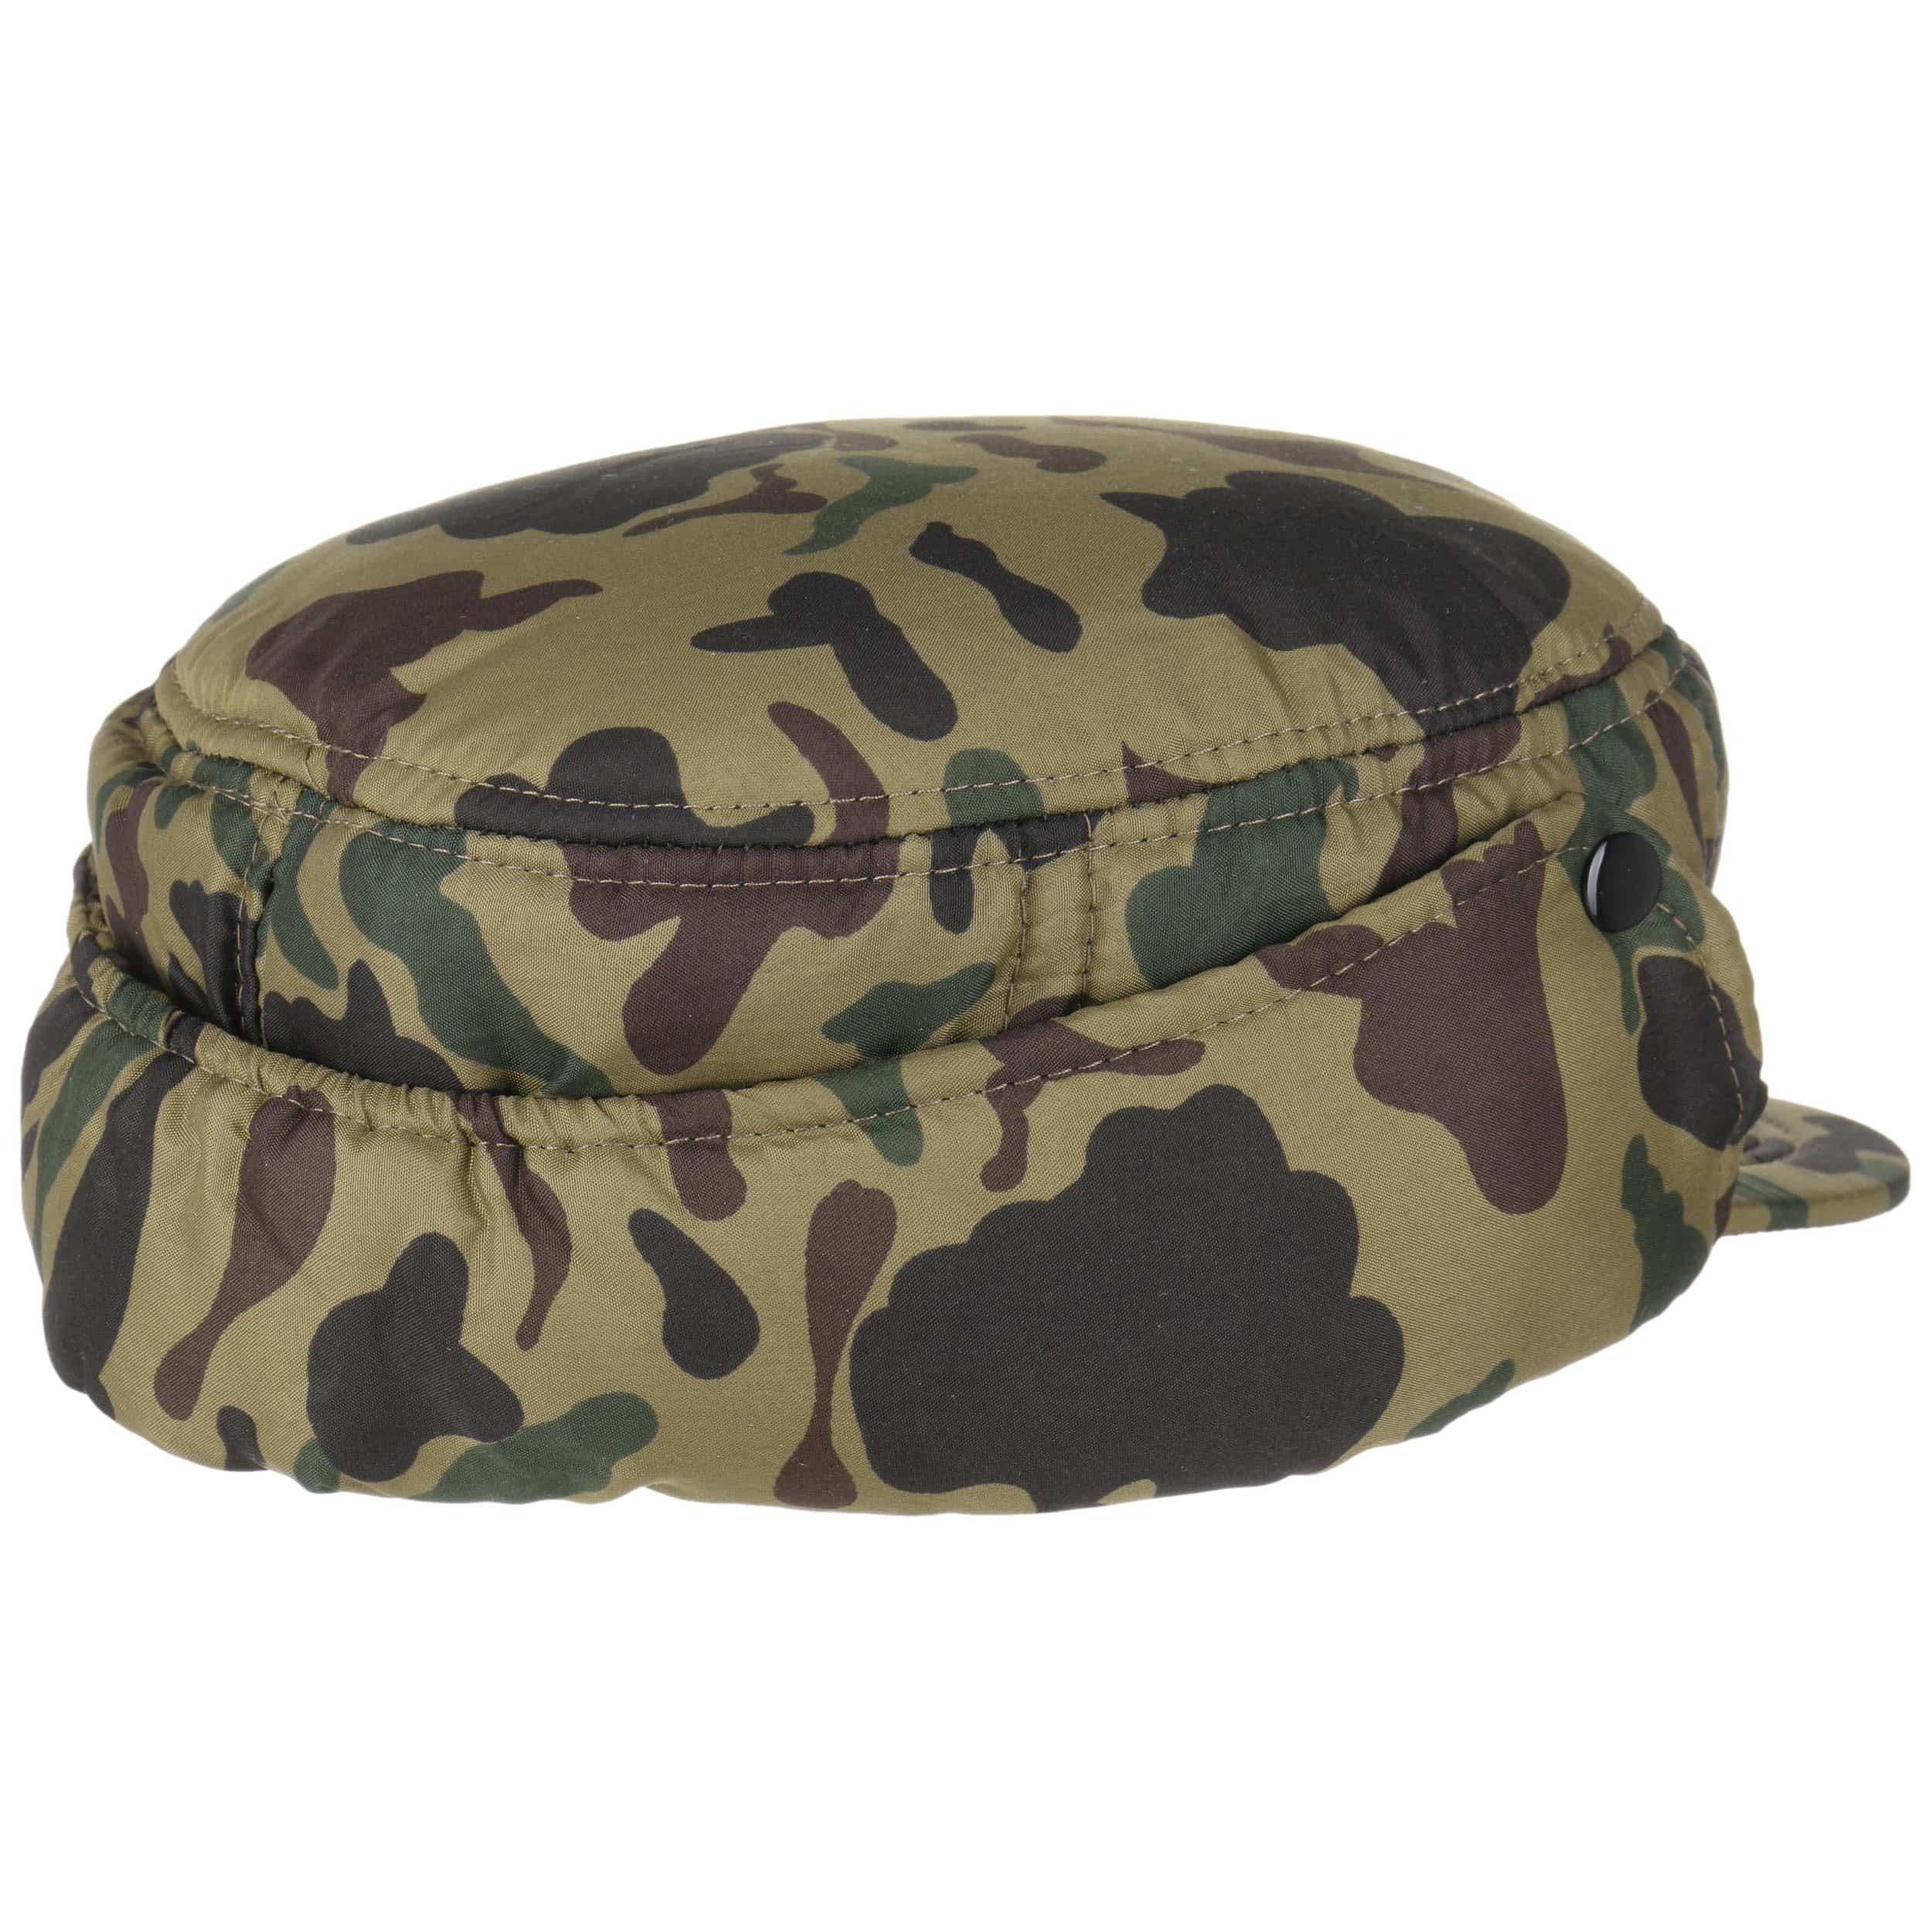 ... Gorra Militar Camouflage con Orejeras by Lipodo - camuflaje 8 0226a66bc8a